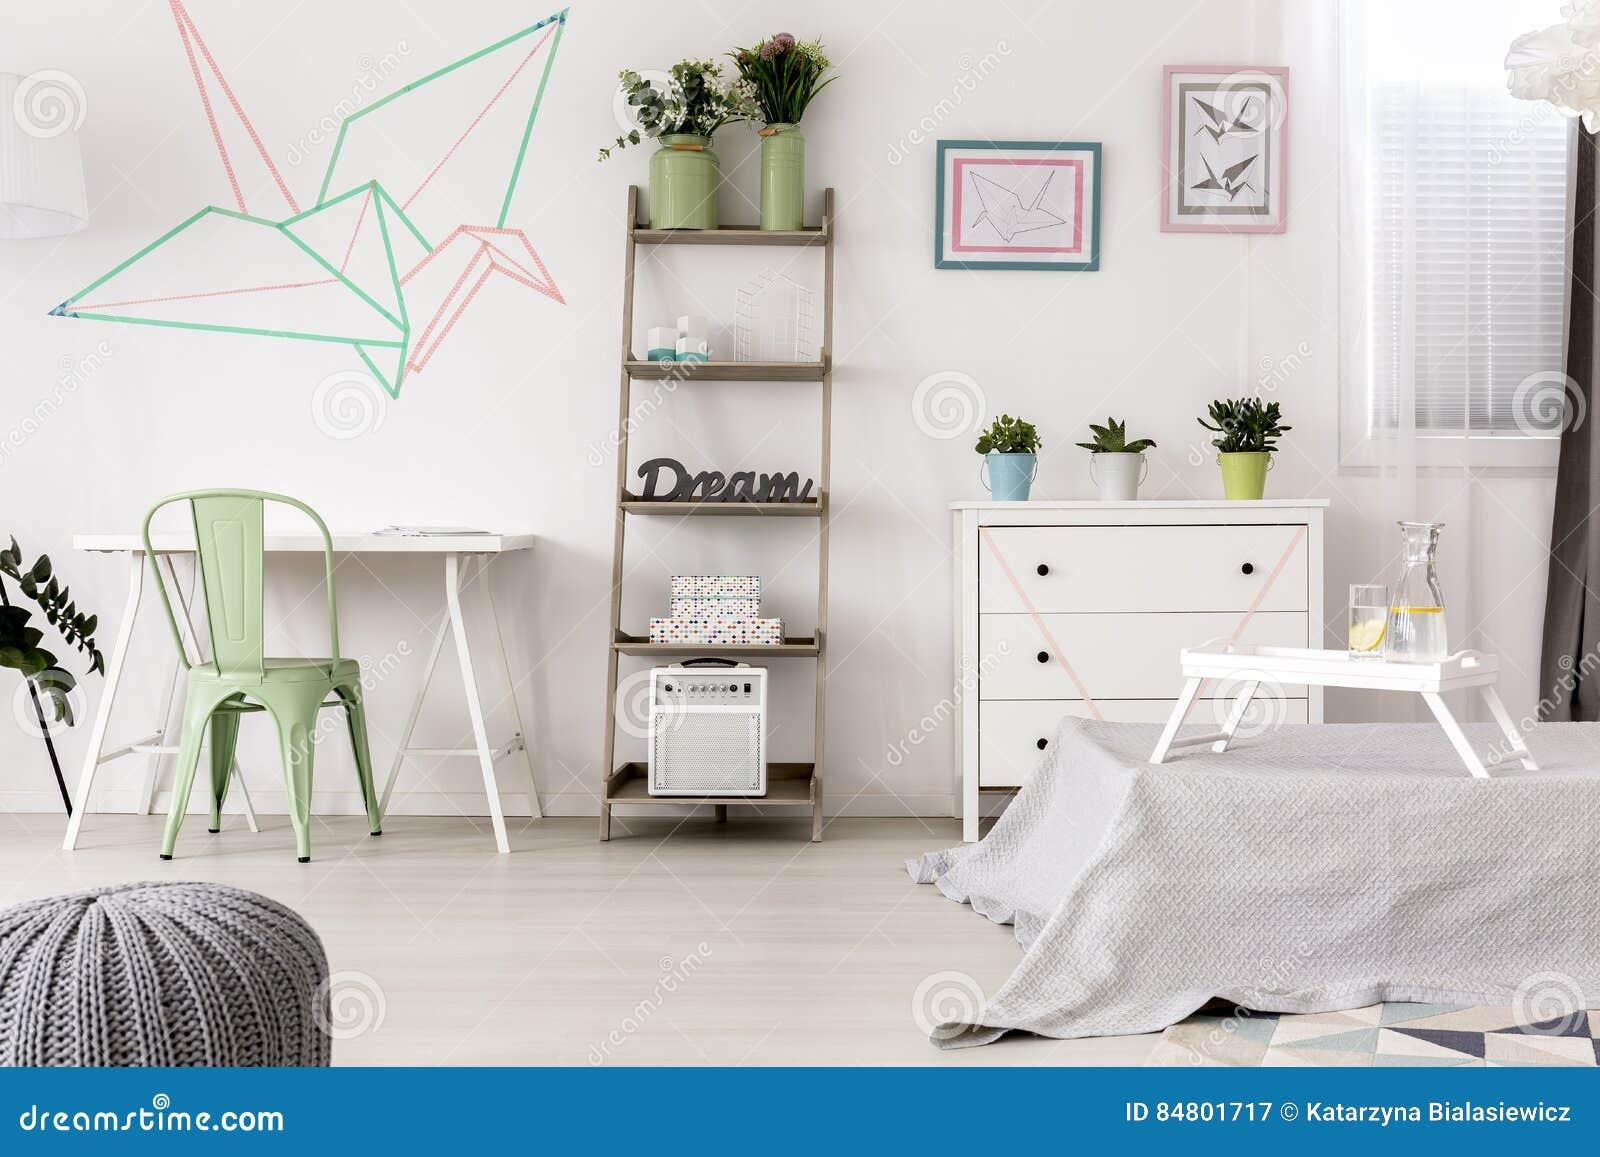 Decorazione Camere Da Letto : Decorazione originale di origami in camera da letto illustrazione